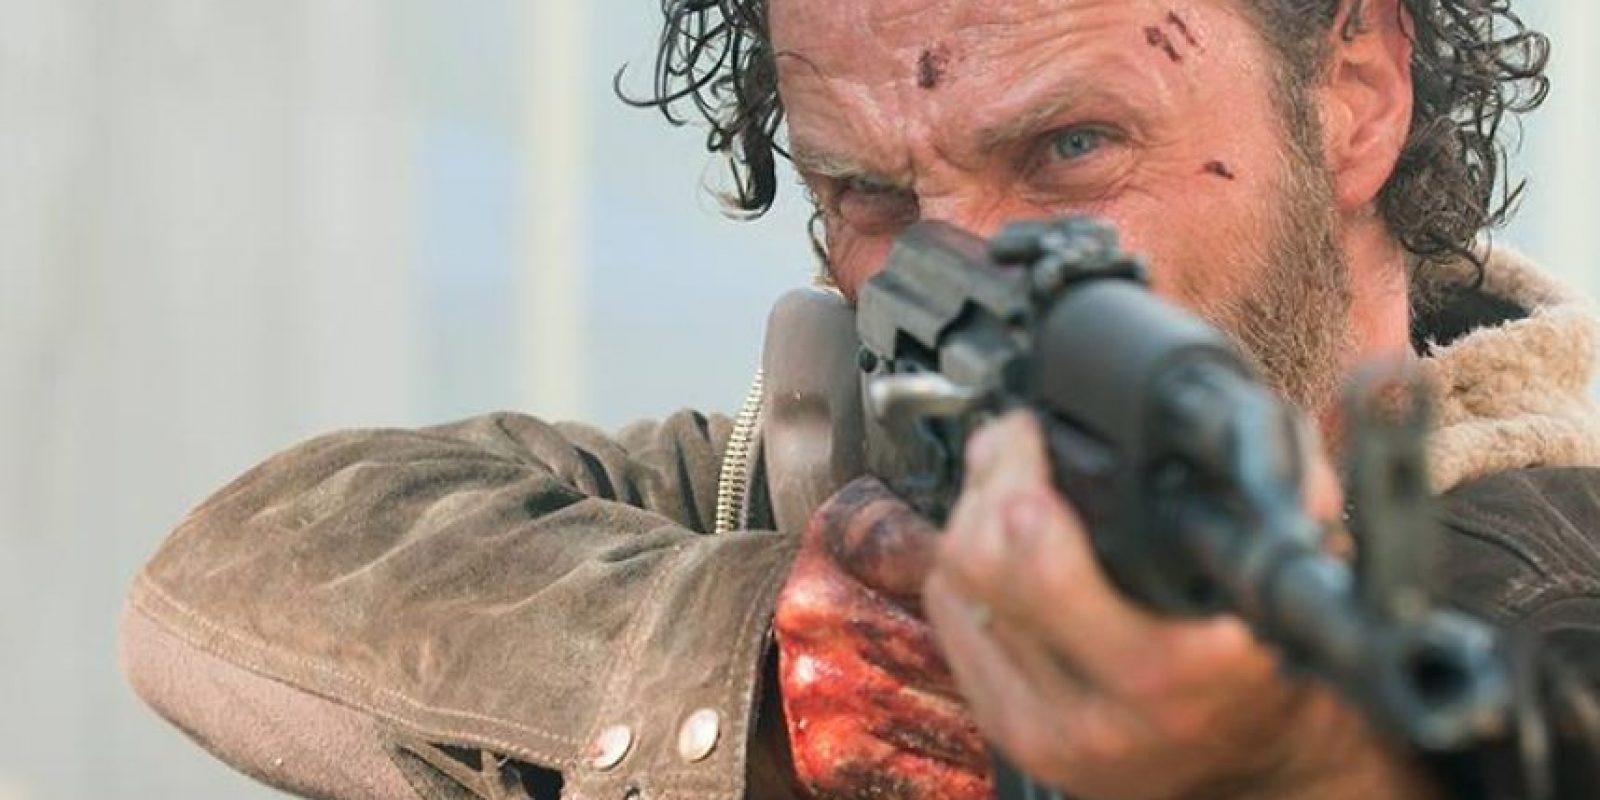 El primer capítulo de la serie se estrenó en Halloween Foto:Facebook The Walking Dead